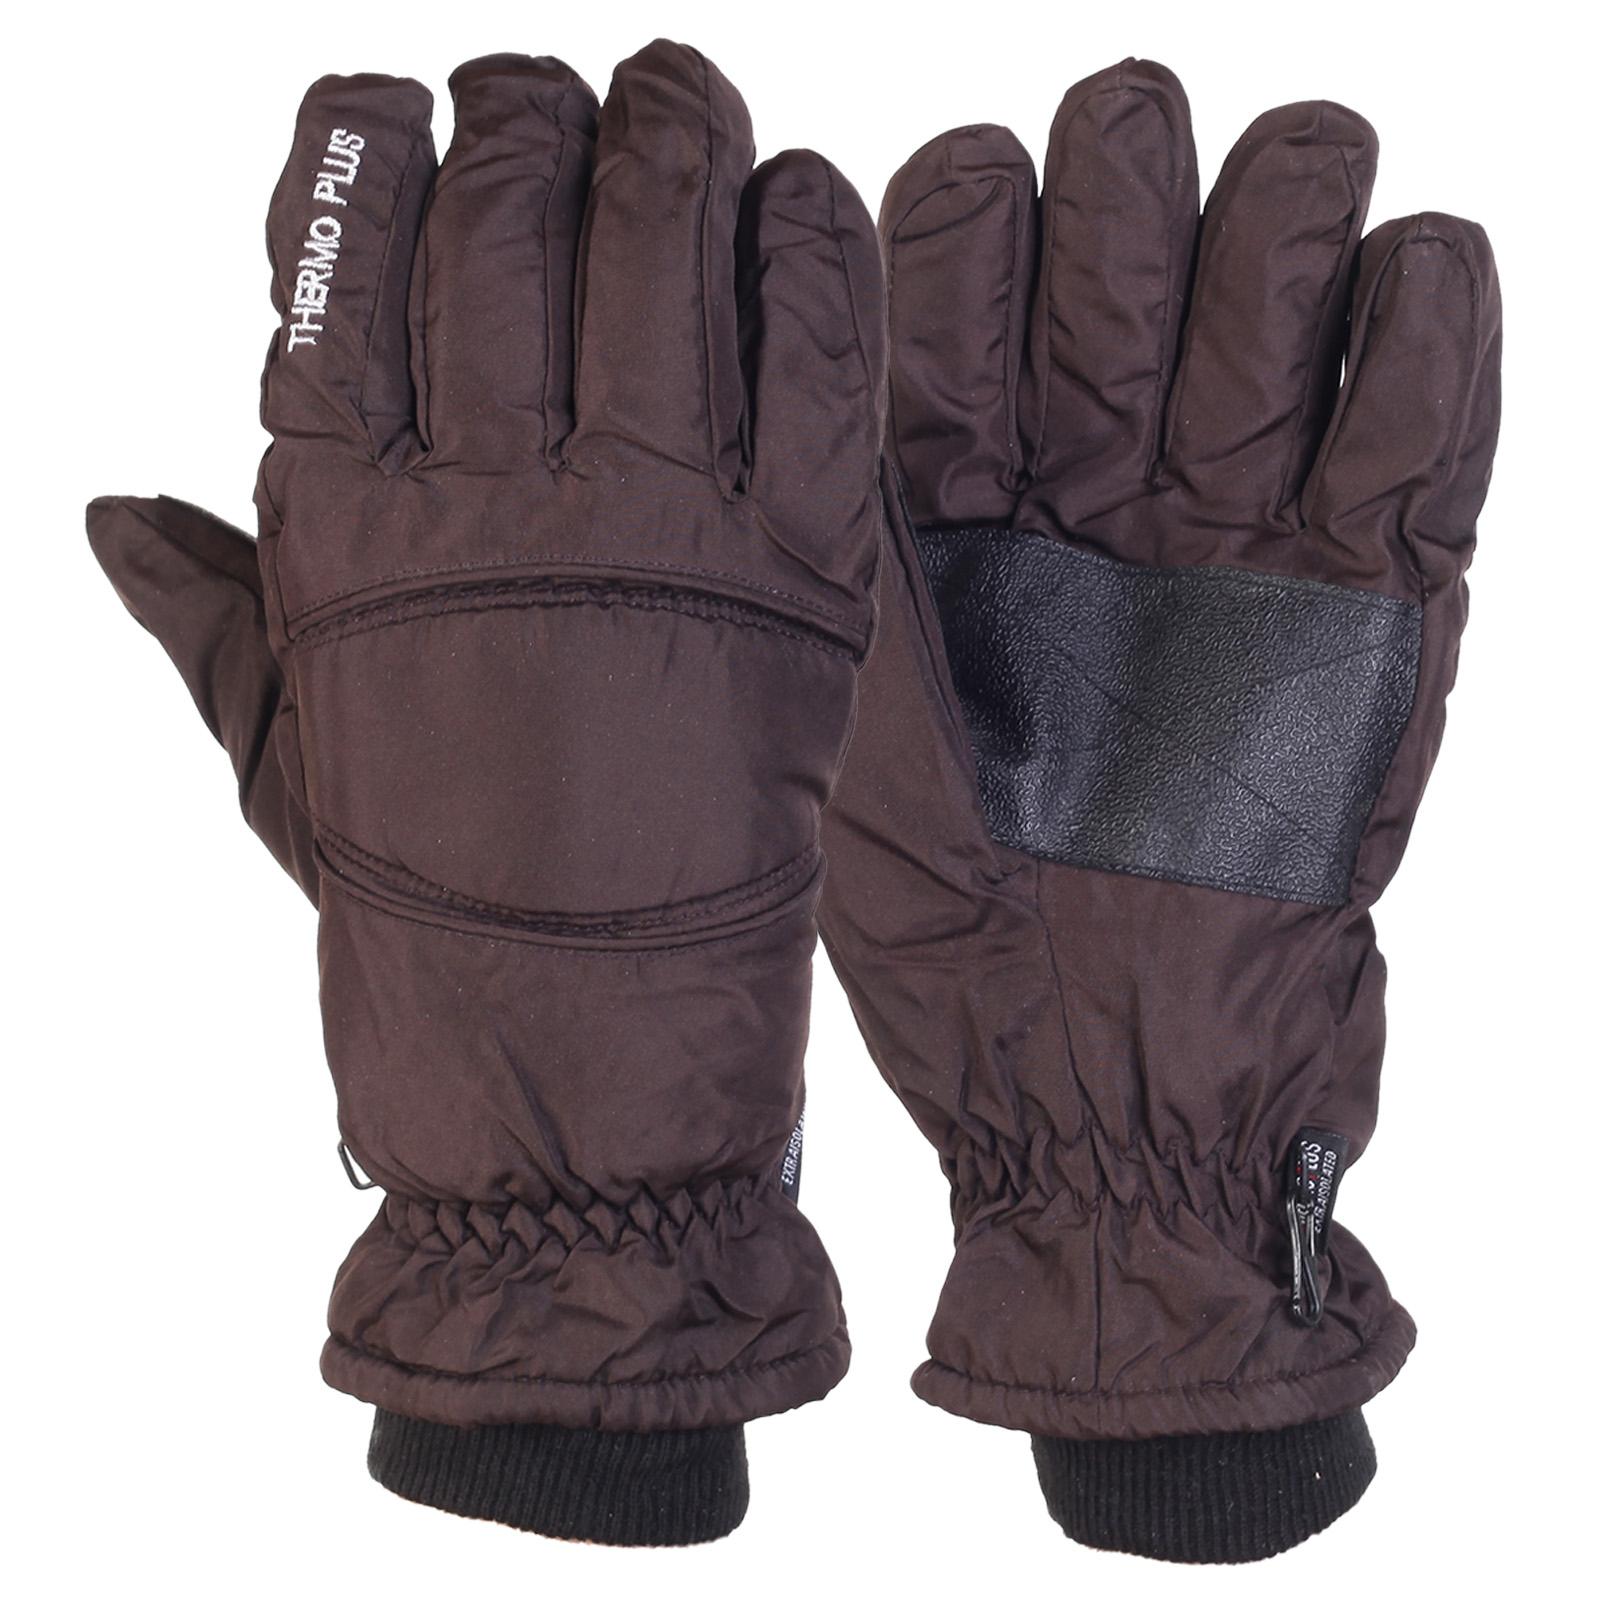 Горнолыжные перчатки Thermo Plus для парней